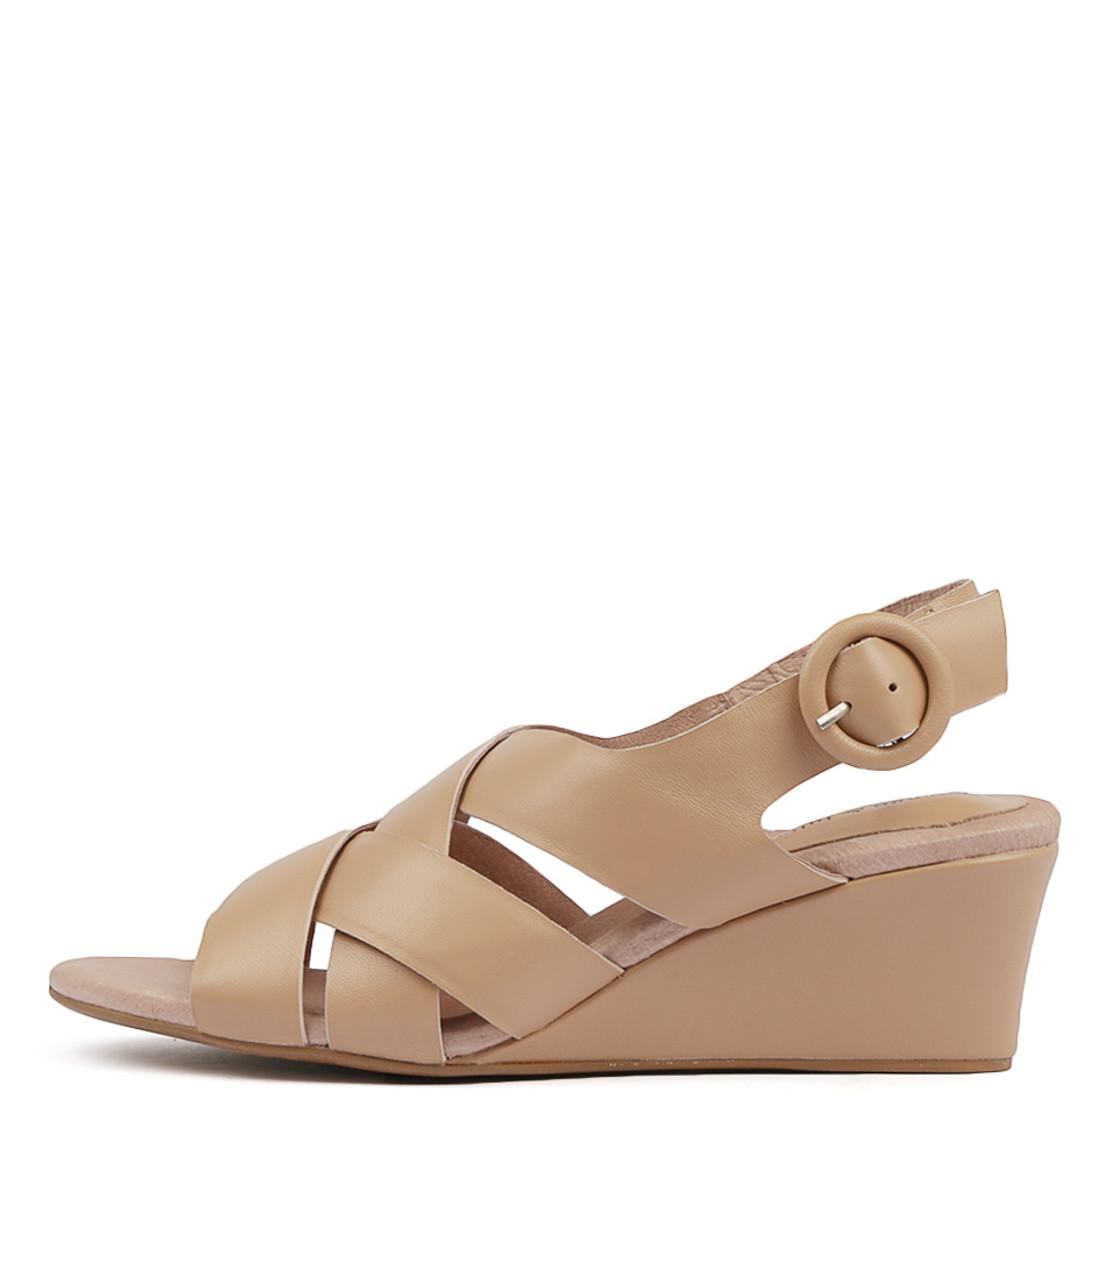 LORIN Heels Sandals Nude Leather Django and Juliette